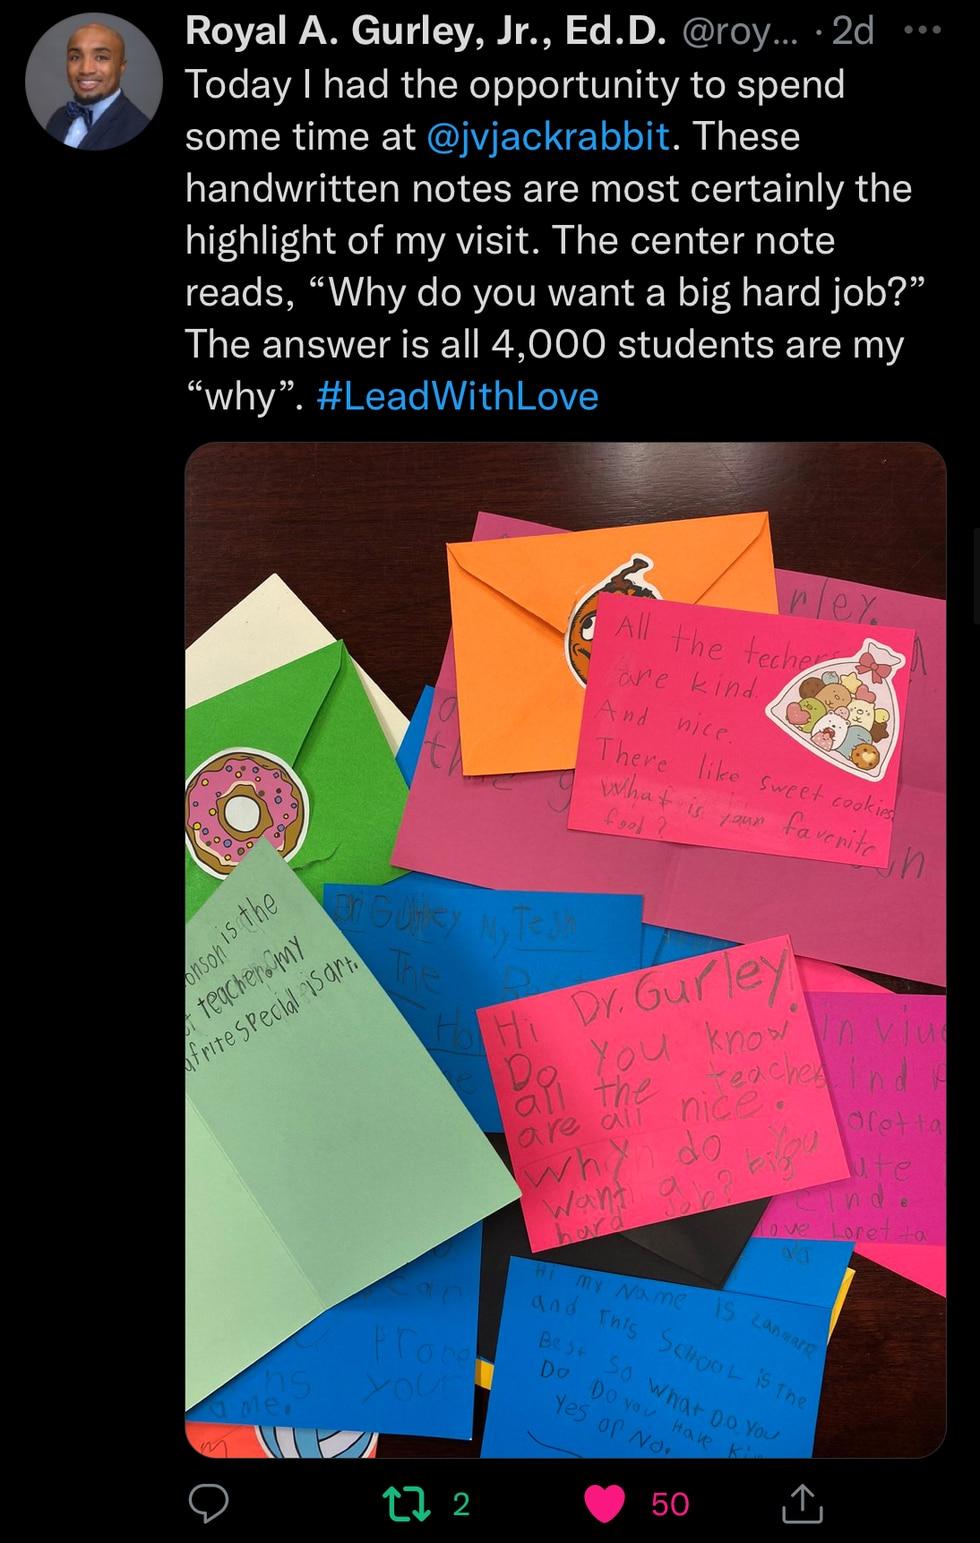 Dr. Gurley's Tweet